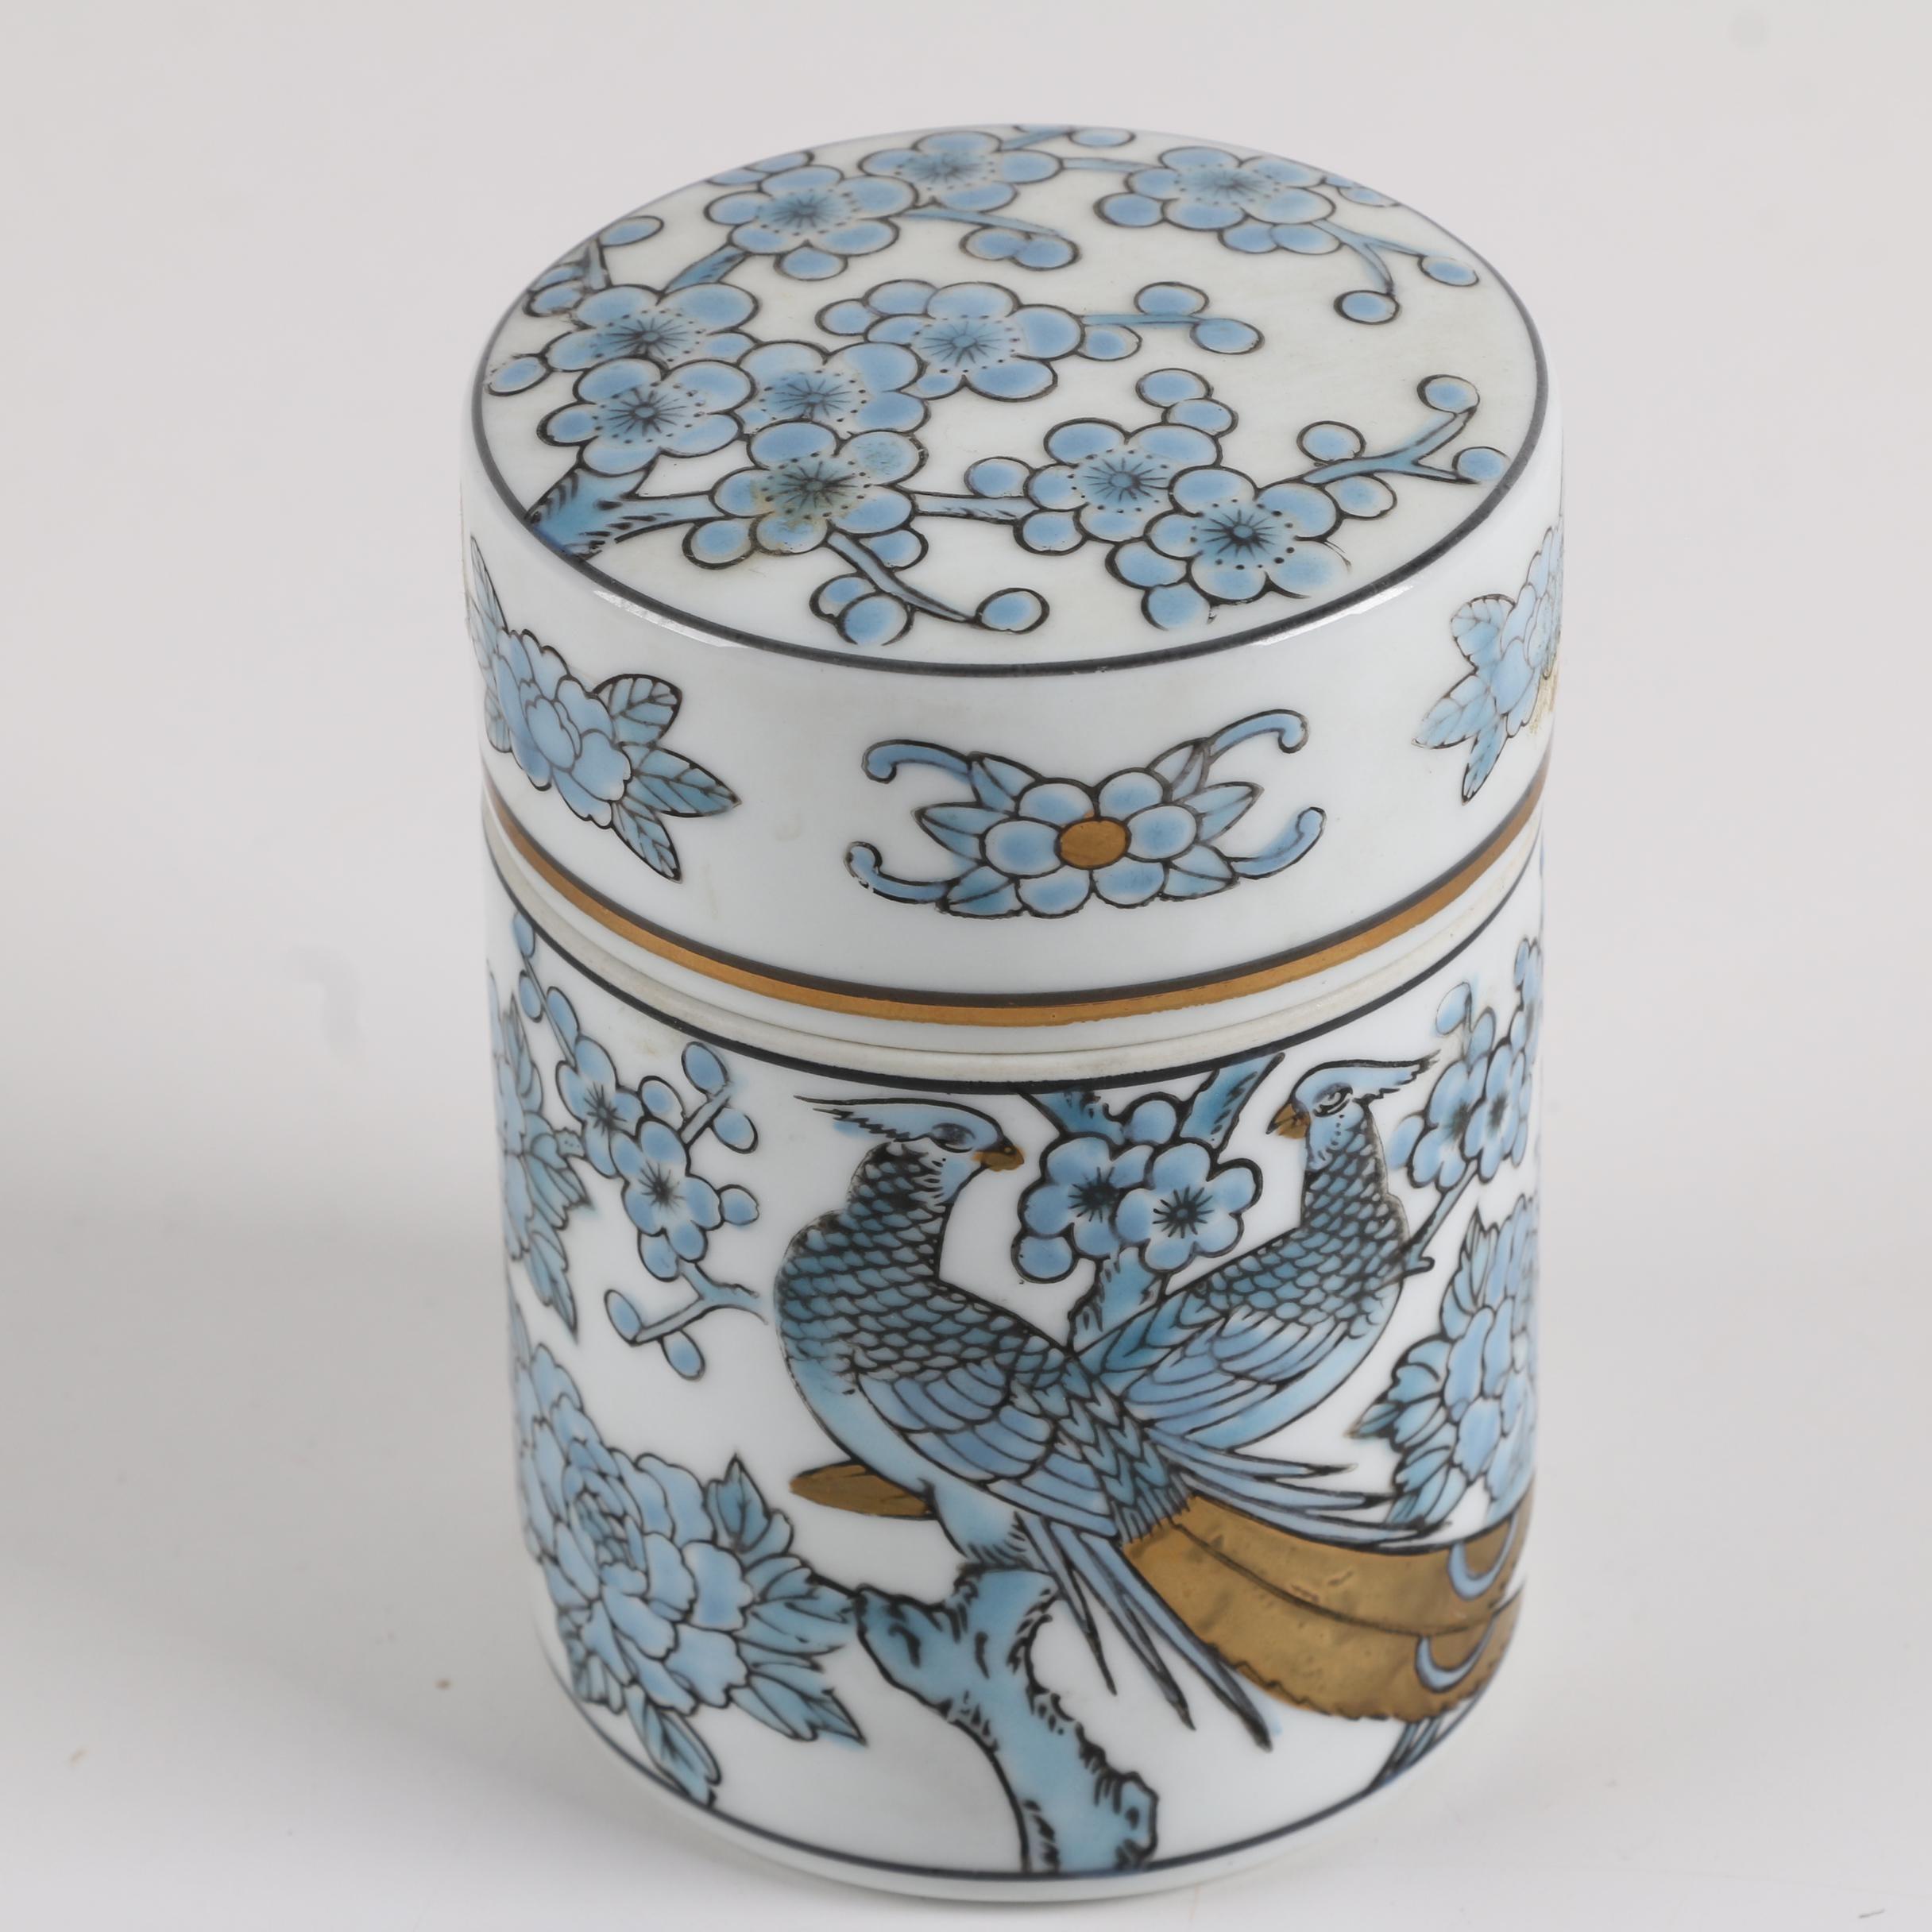 Vintage Gold Imari Japanese Porcelain Cigarette Jar